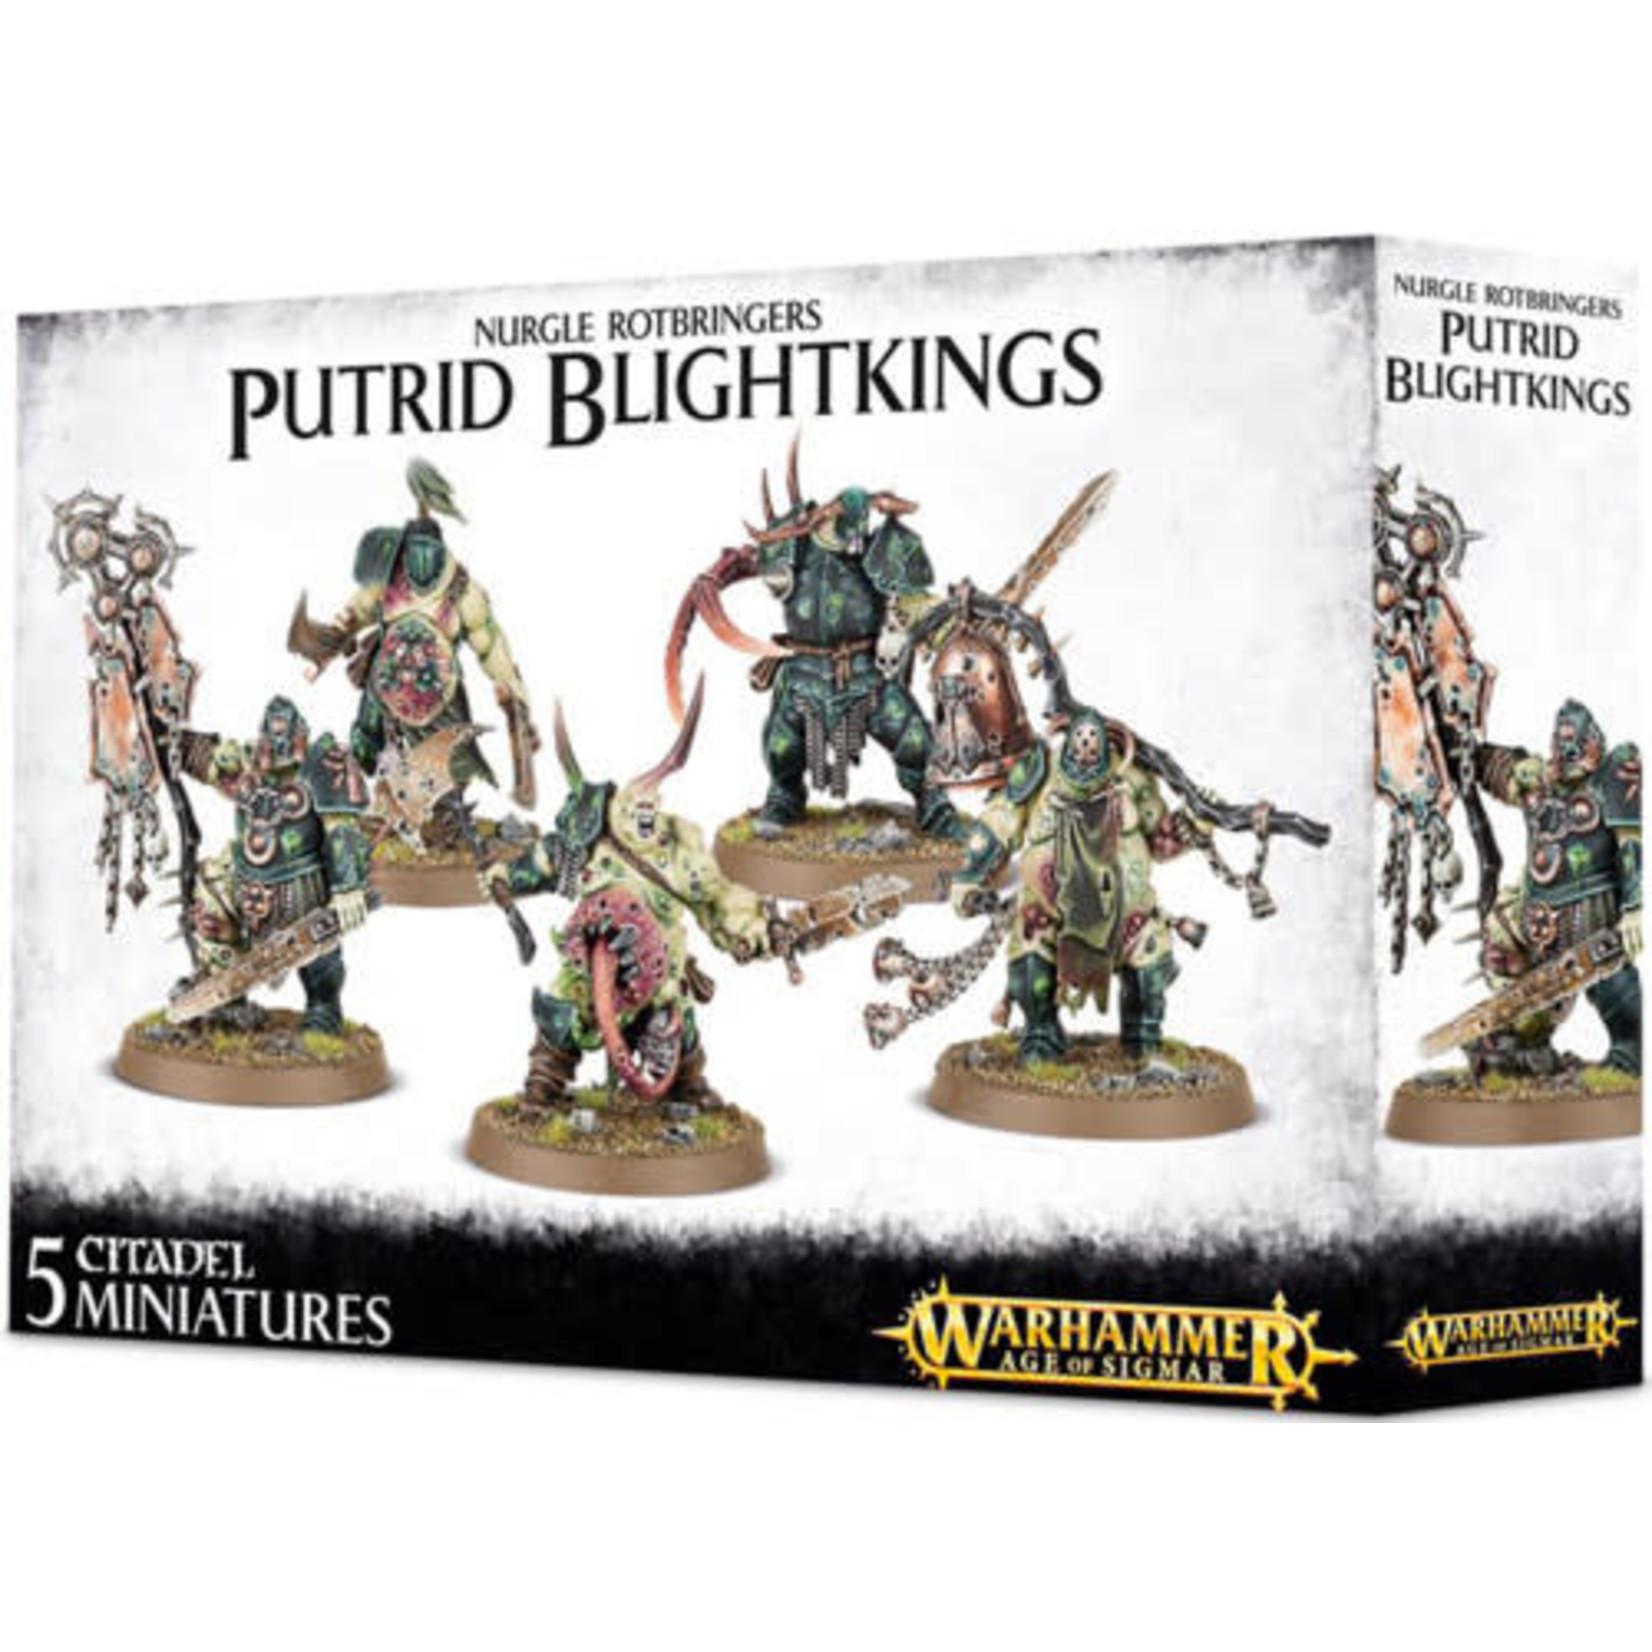 Nurgle Rotbringers Putrid Blightkings (AOS)